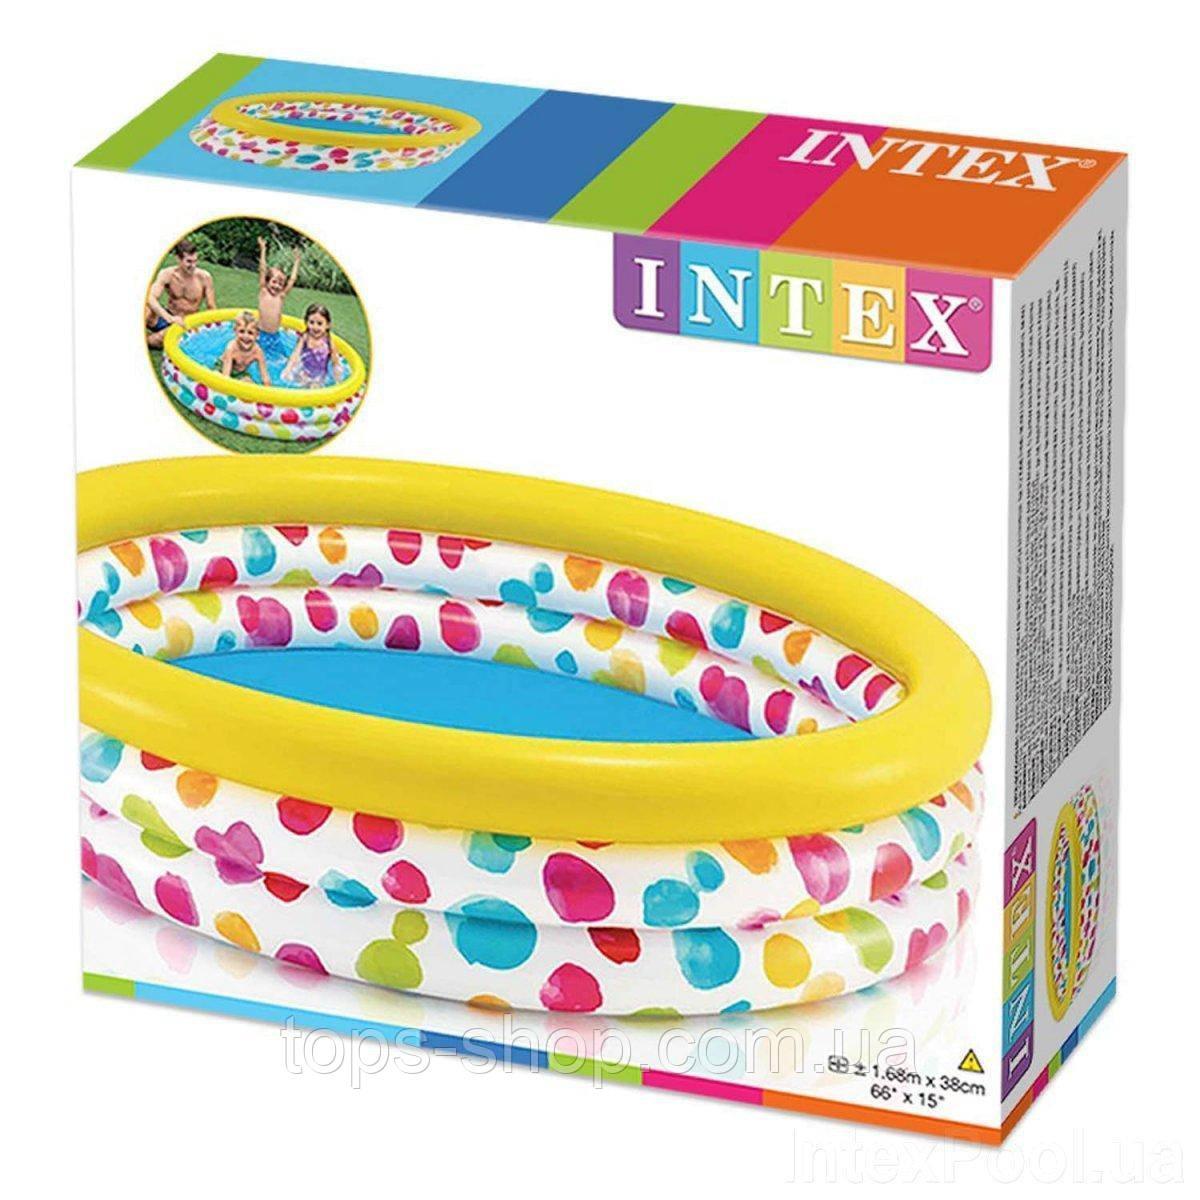 """Intex детский надувной Бассейн 58449 """"Геометрия"""" размером 168х38 см, объёмом 581 л, весом 2,1 кг, от 2-х лет"""